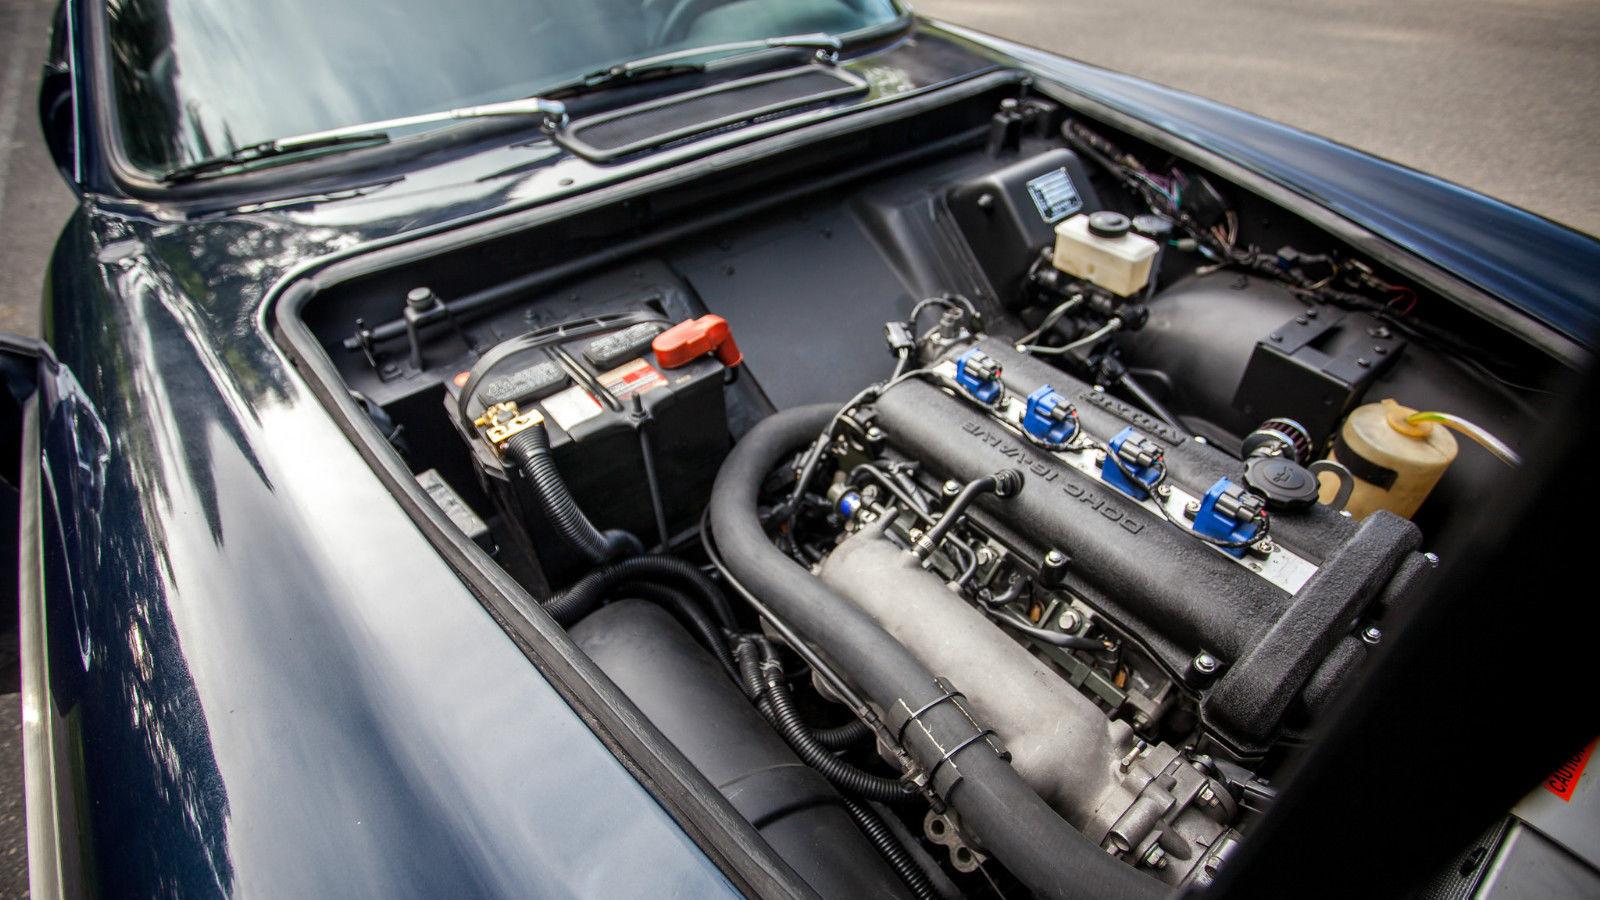 Daily Turismo 10k Miata Powered 1963 Volvo P1800 Restomod